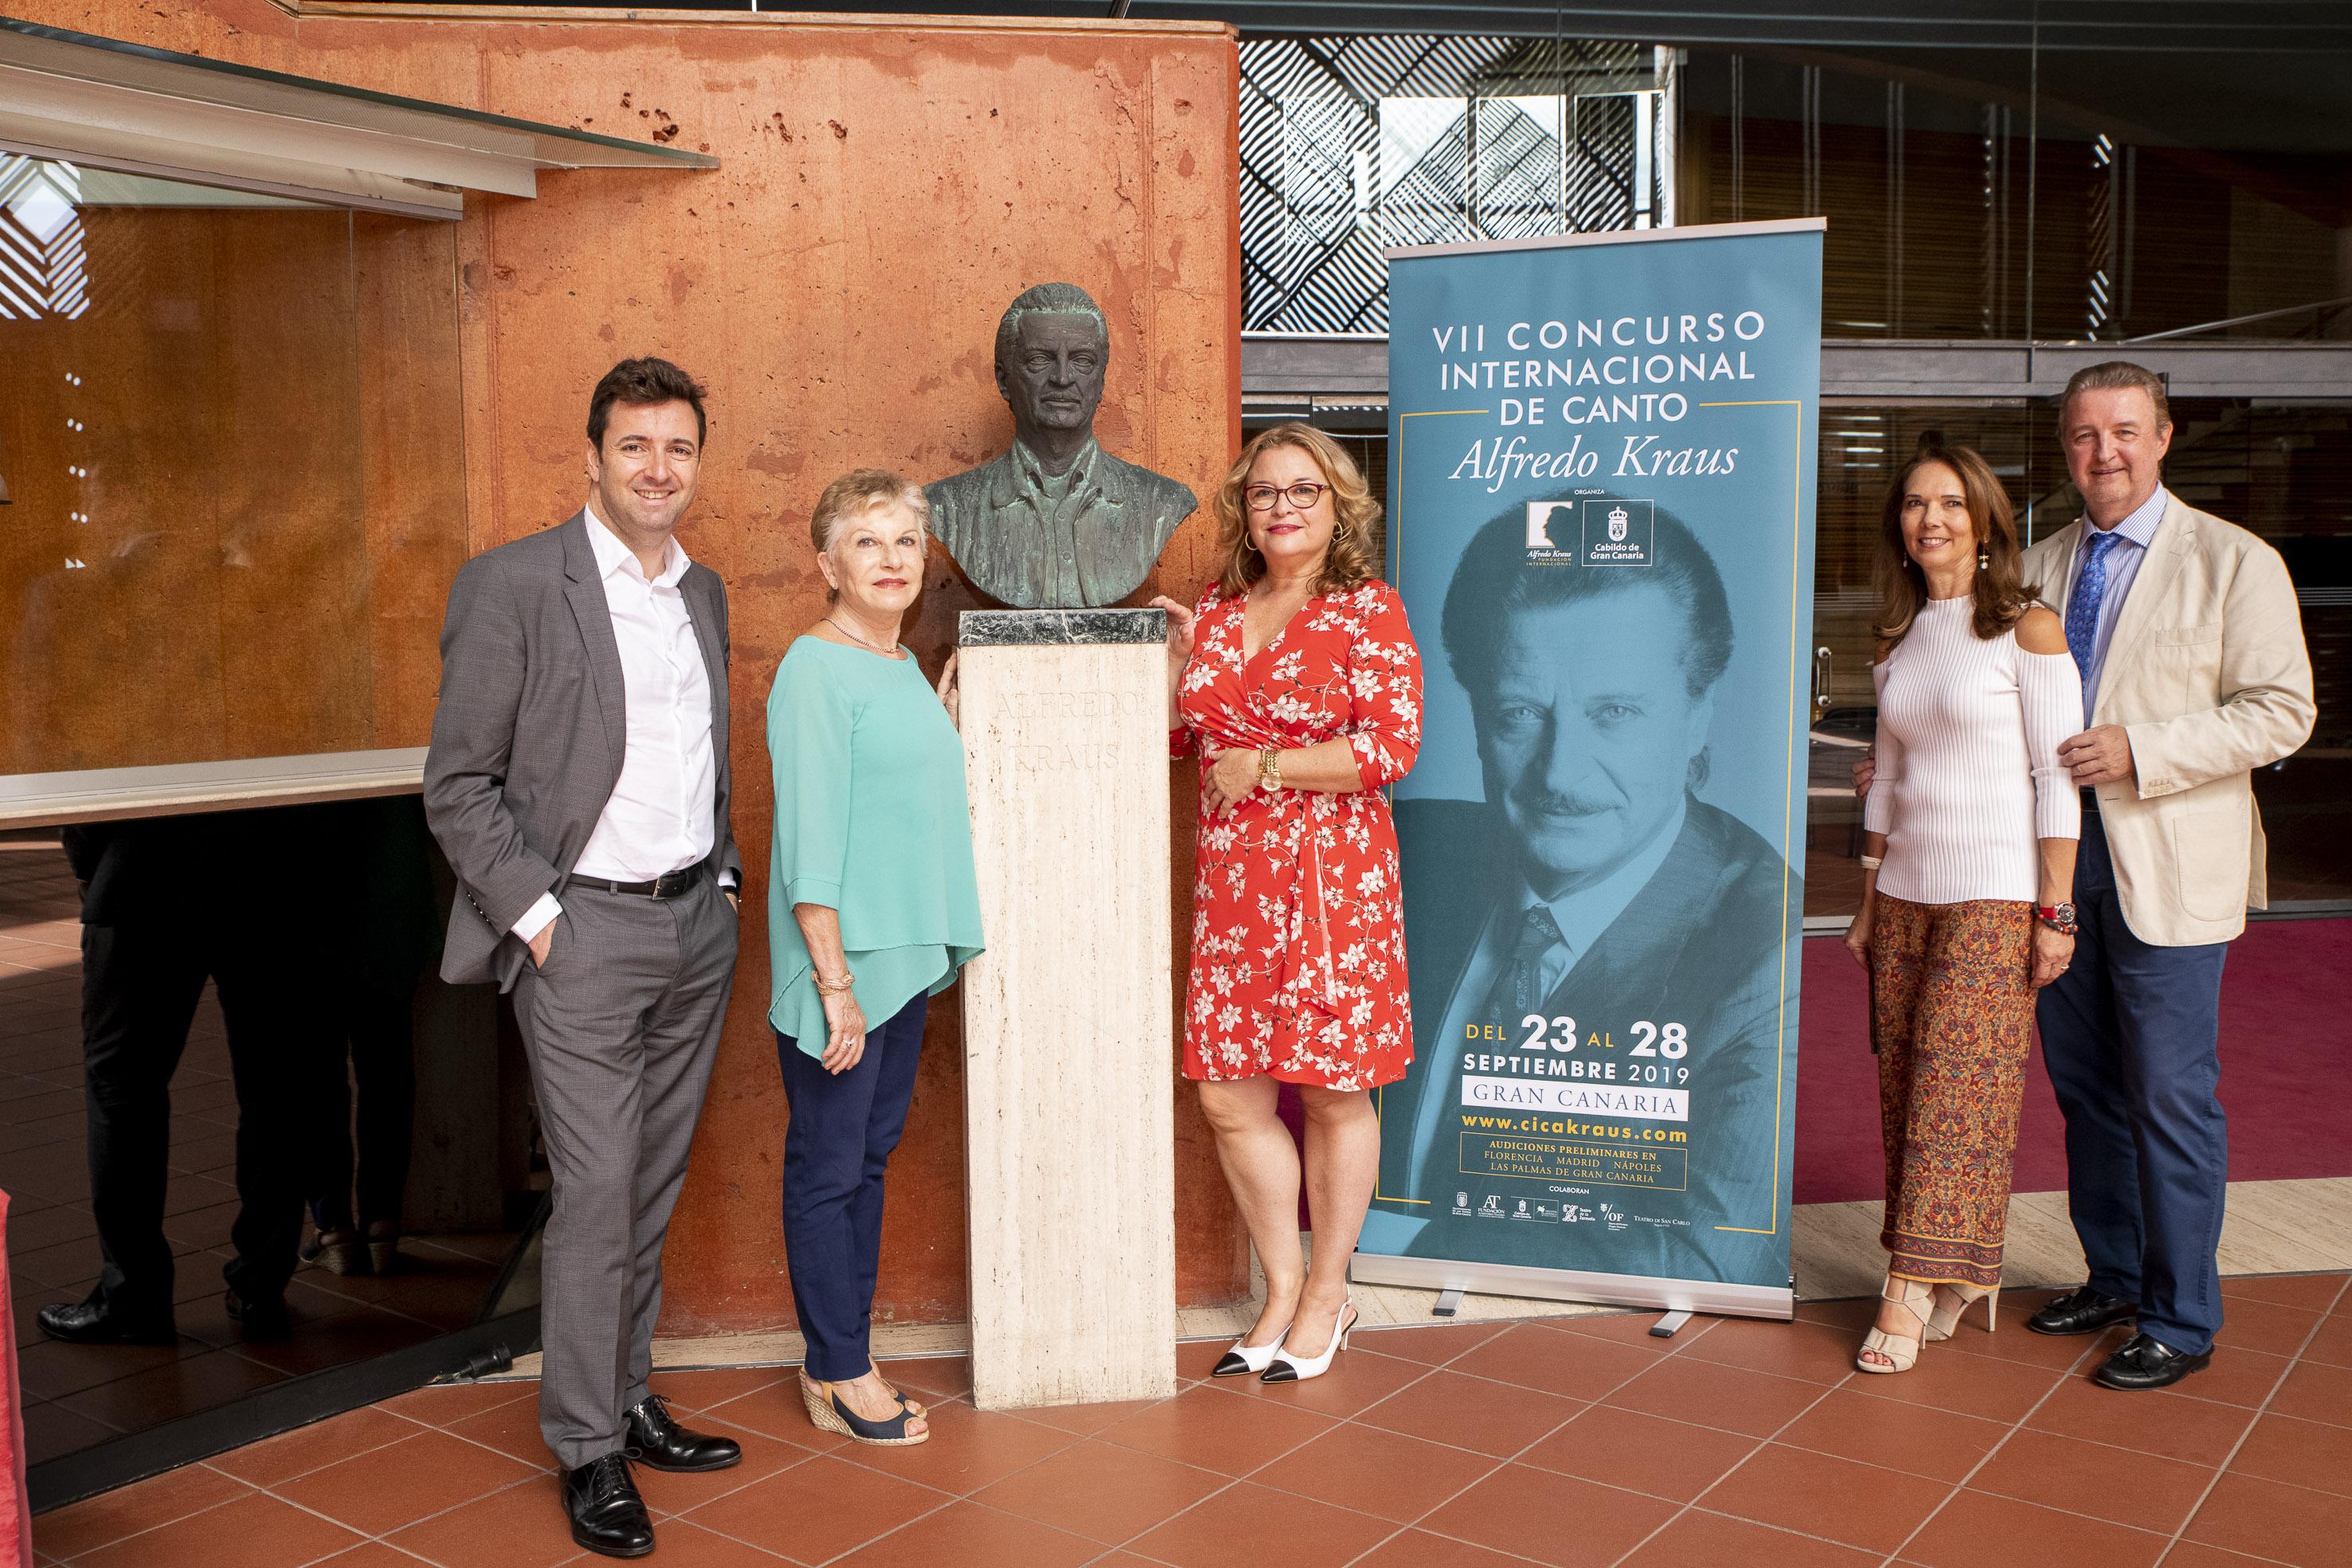 Gran Canaria descubre al mundo los nuevos talentos de la lírica en la final del VII Concurso Internacional de Canto Alfredo Kraus